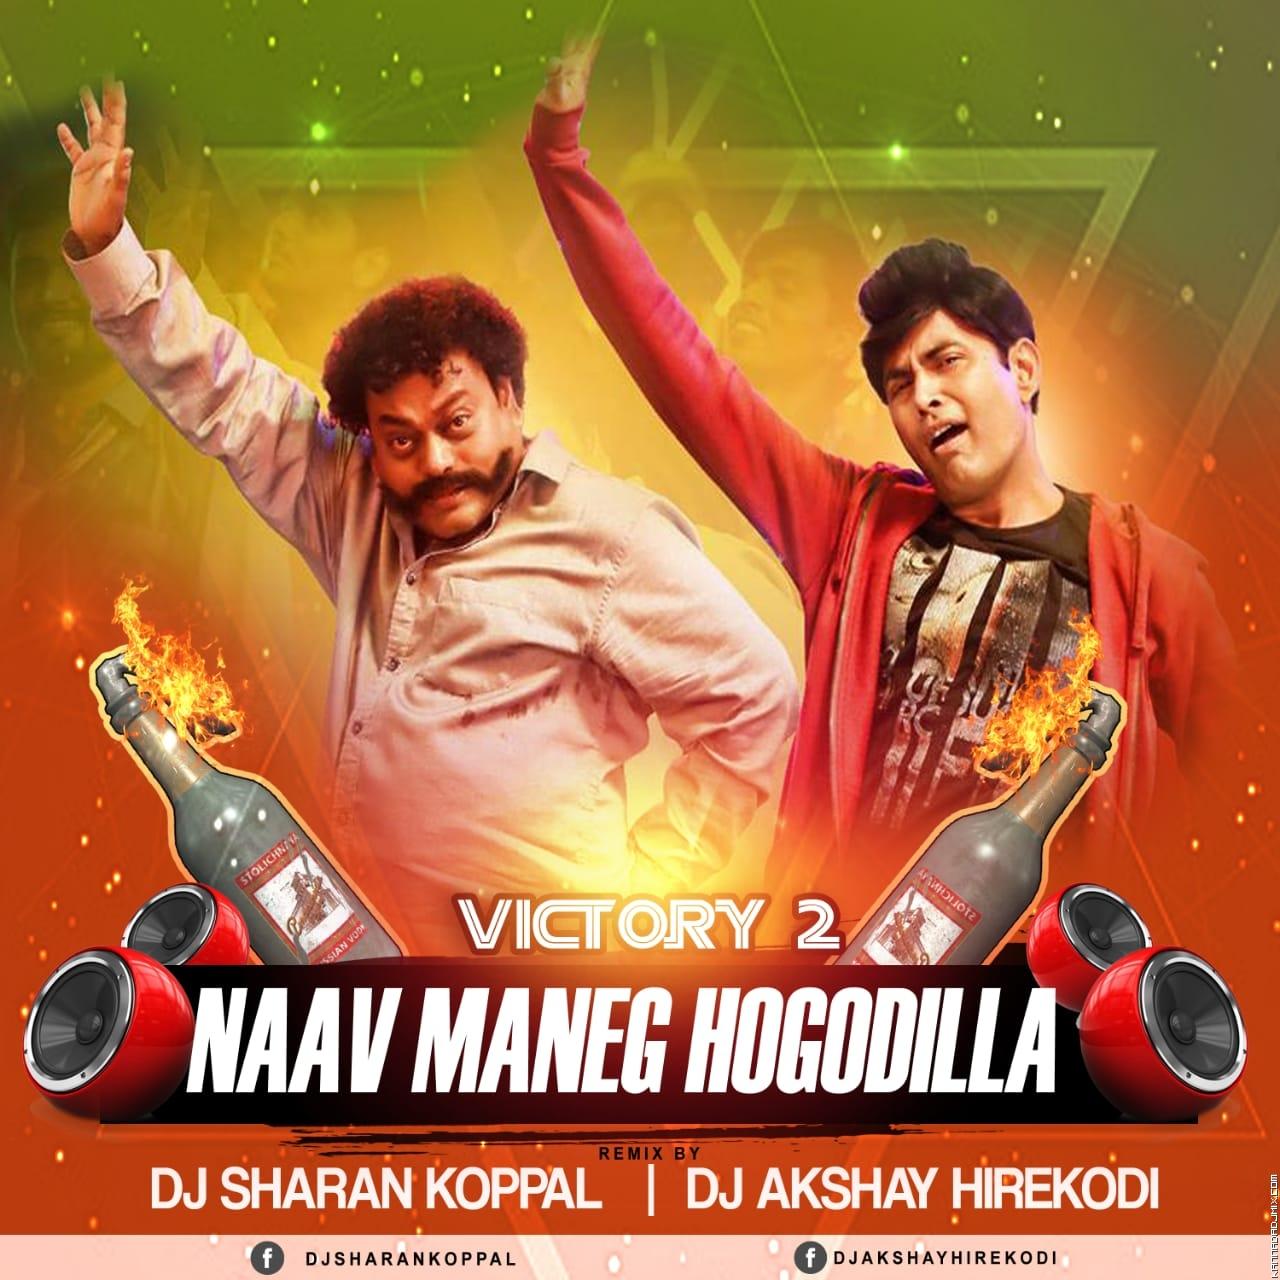 NAAV MANEG HOGODILLA_(VICTORY-2)_REMIX_DJ_SHARAN KOPPAL & _DJ_AKSHAY HIREKODI.mp3